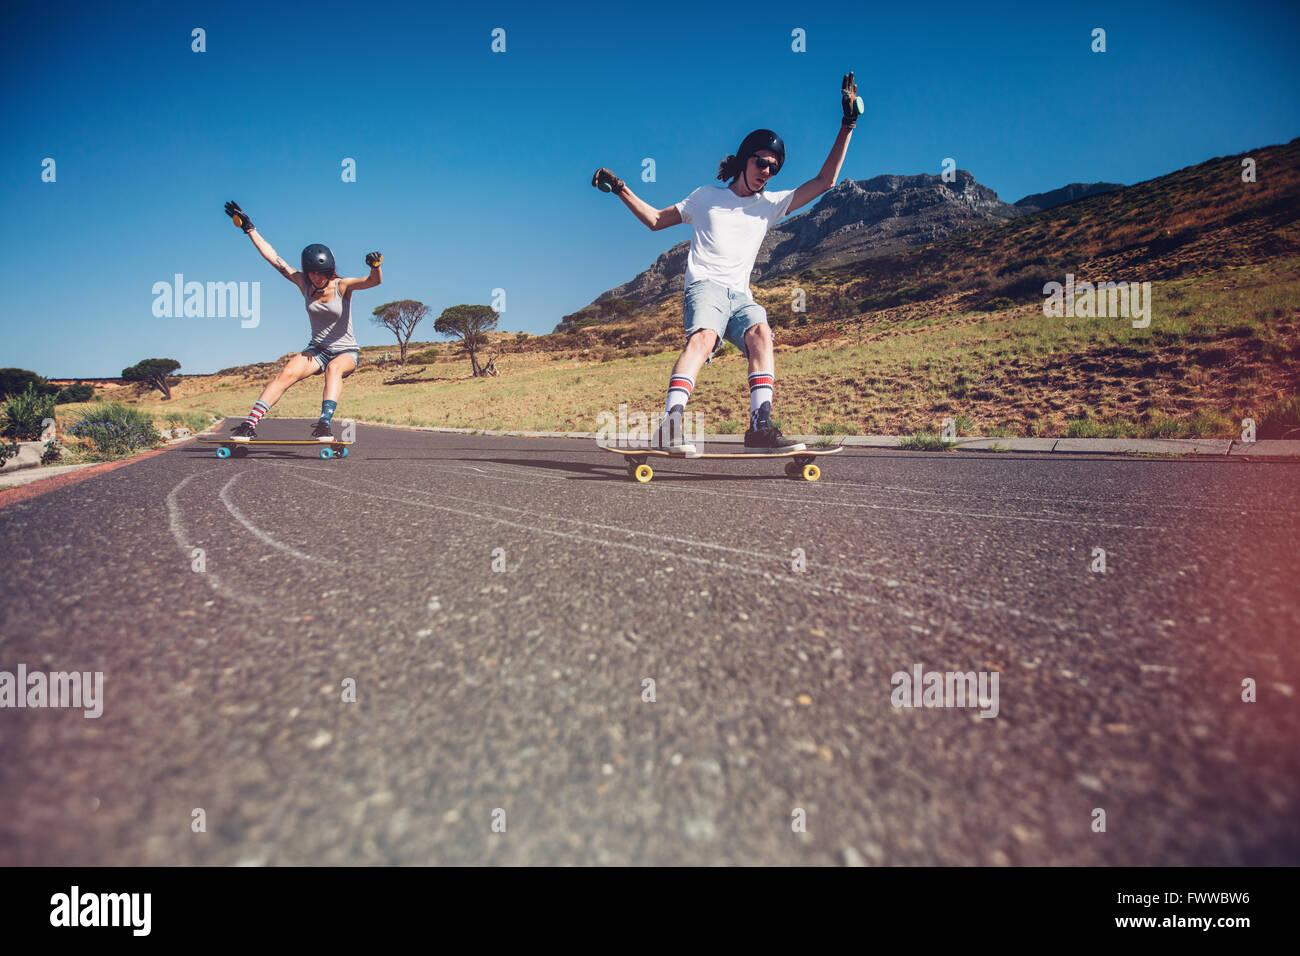 Junger Mann und Frau Skateboard auf der Straße. Junges Paar üben, Schlittschuhlaufen auf offener Straße. Stockbild